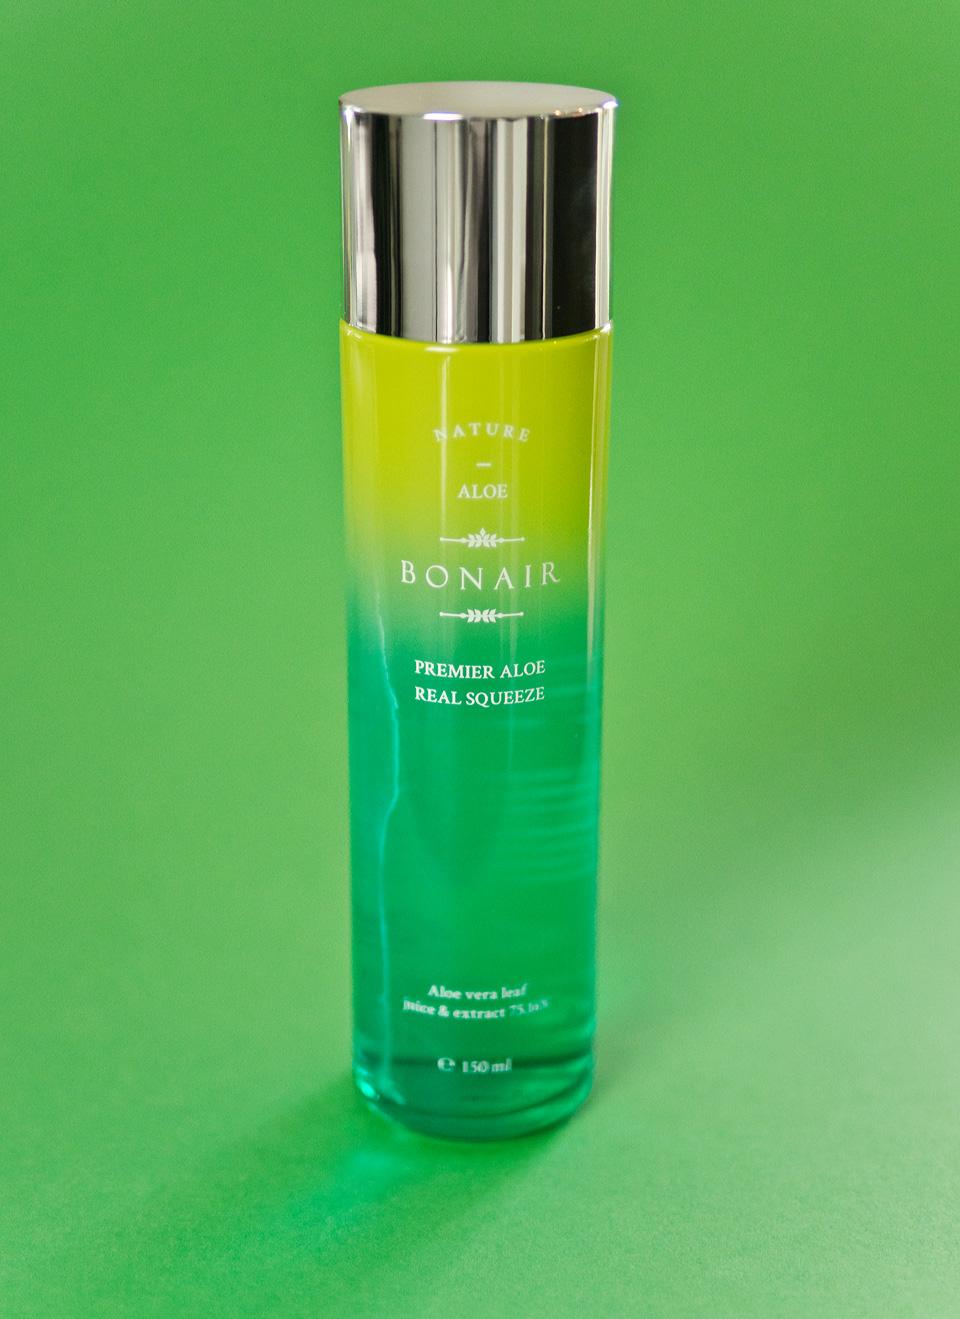 Die Korean Beauty Aloe Vera Box, Heillpflanze Aloe Vera, Beauty Allrounder Aloe Vera, Hautpflege, Feuchtigkeitspflege, Pflege mit Aloe Vera,